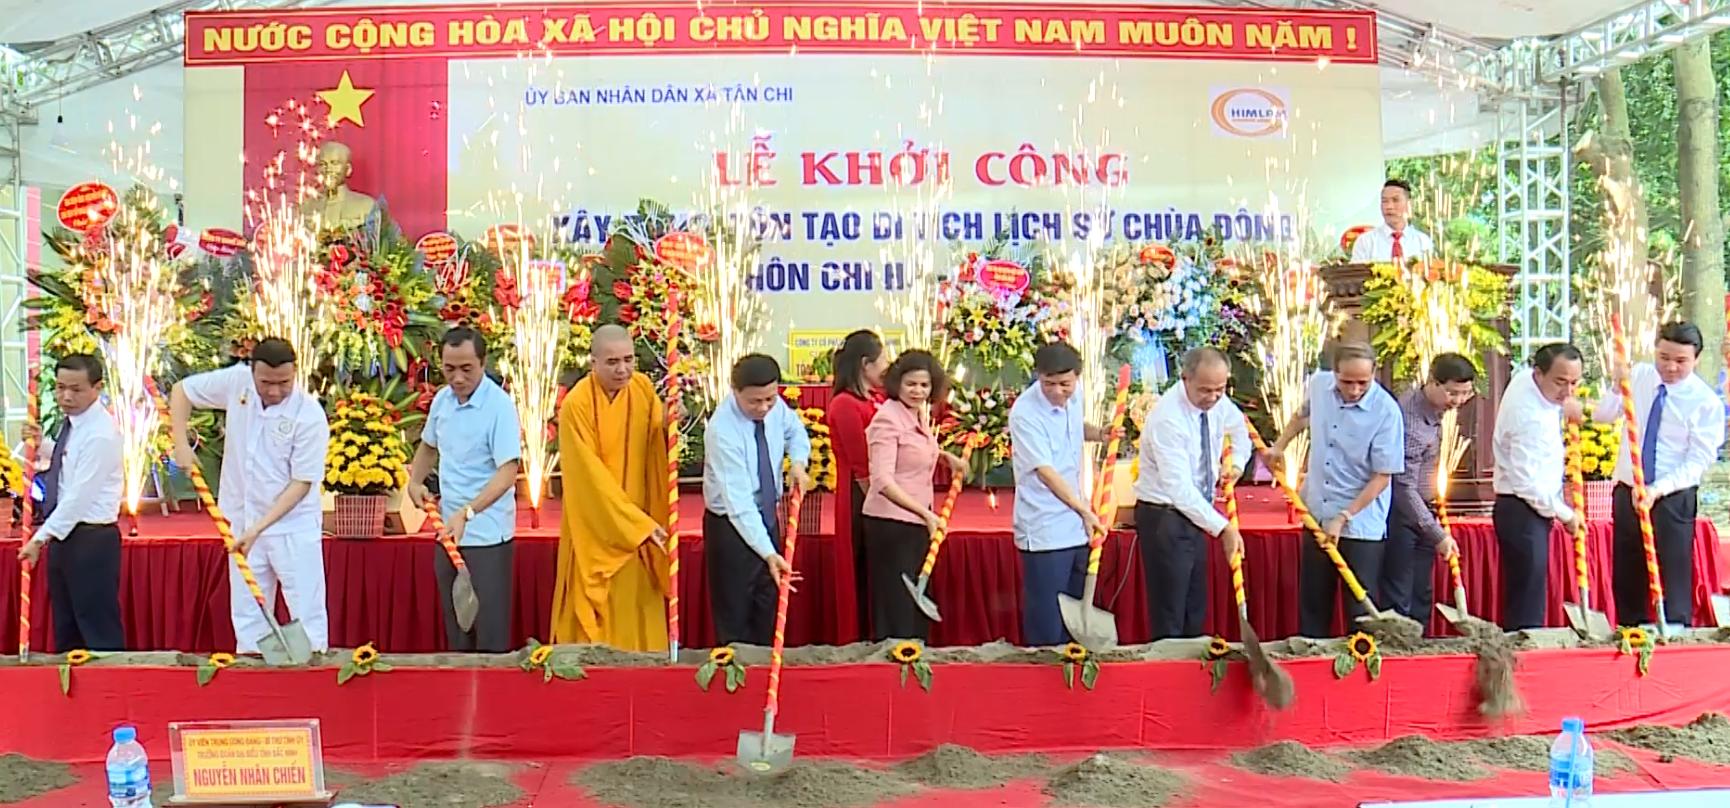 Khởi công xây dựng Chùa Đông, xã Tân Chi, huyện Tiên Du